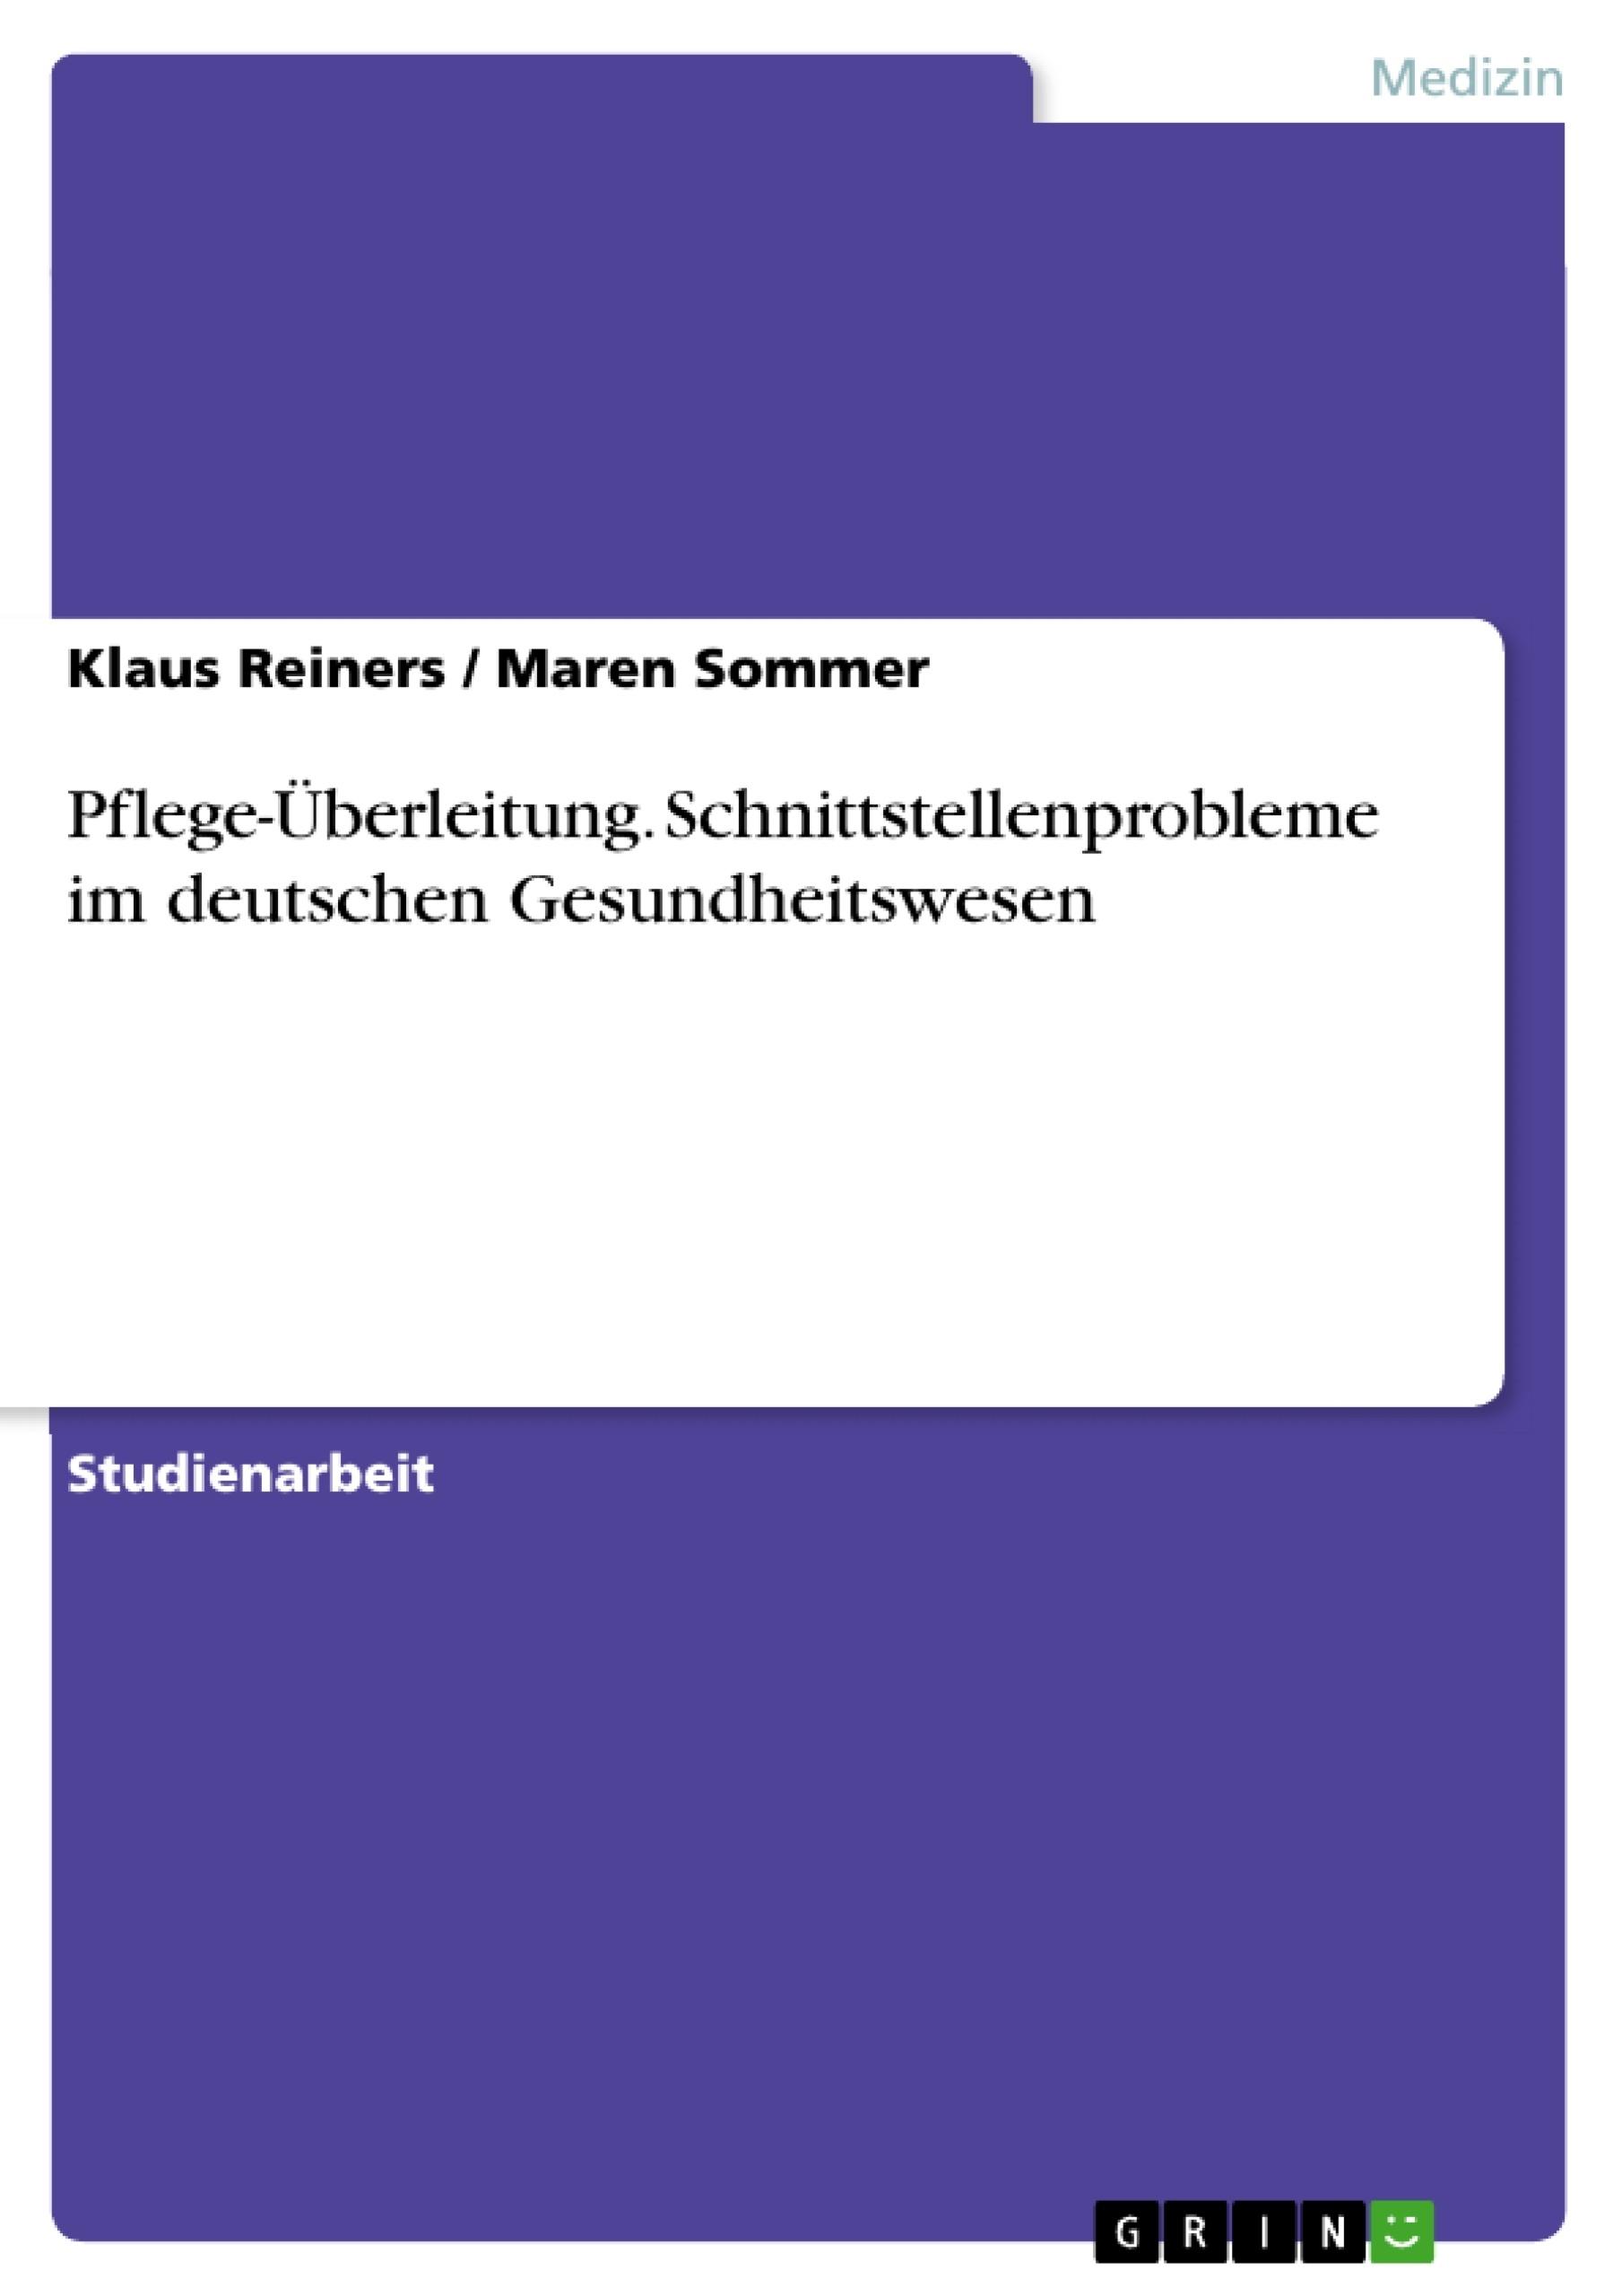 Titel: Pflege-Überleitung. Schnittstellenprobleme im deutschen Gesundheitswesen